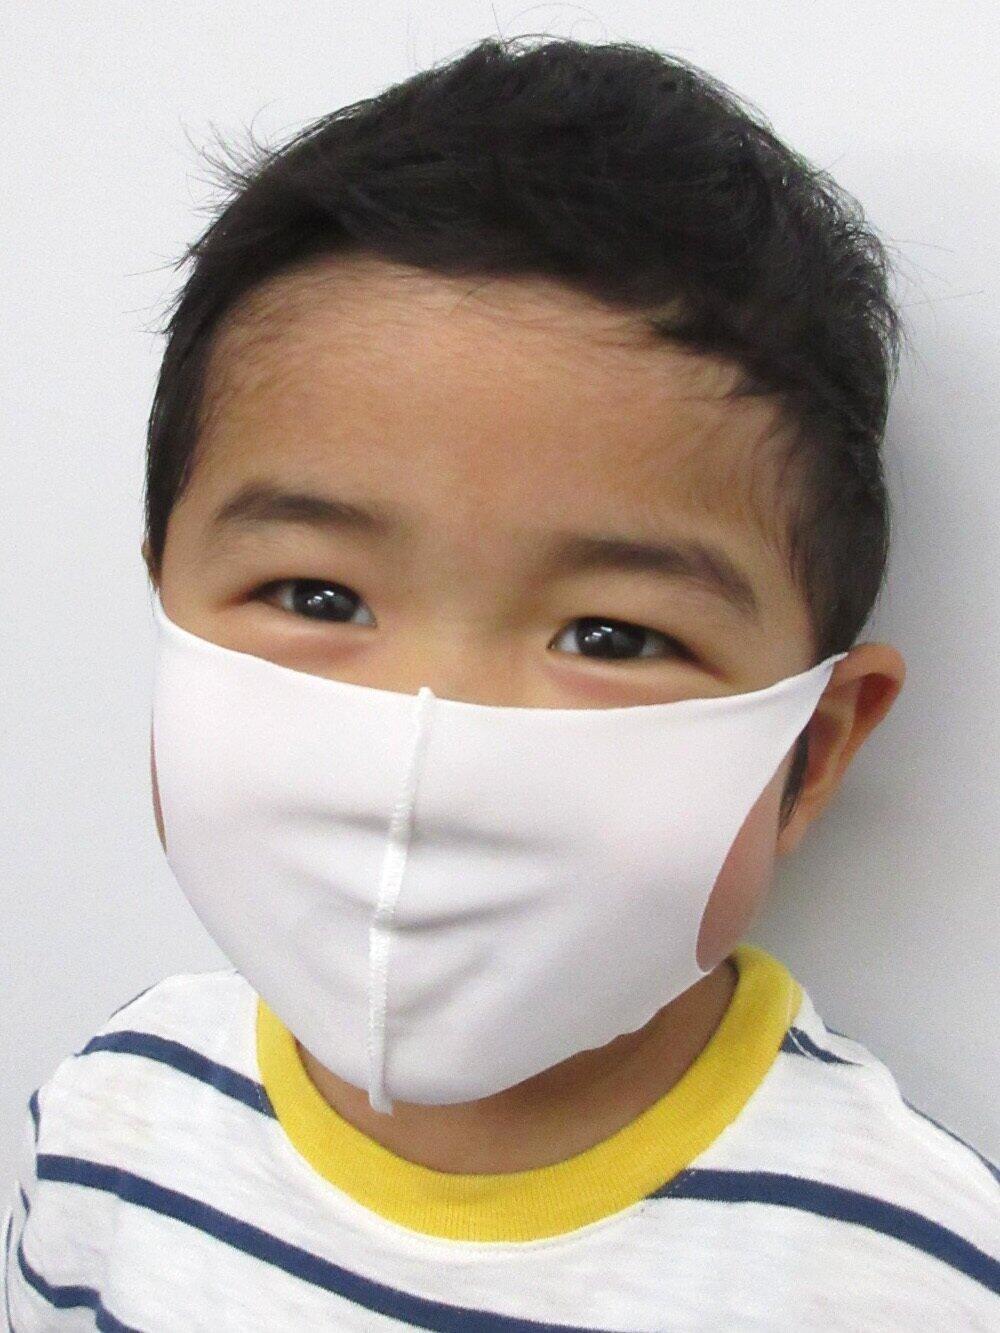 薄くて軽い子ども向け「夏用冷感マスク」 日本屈指のテスト機関の検査クリア済み